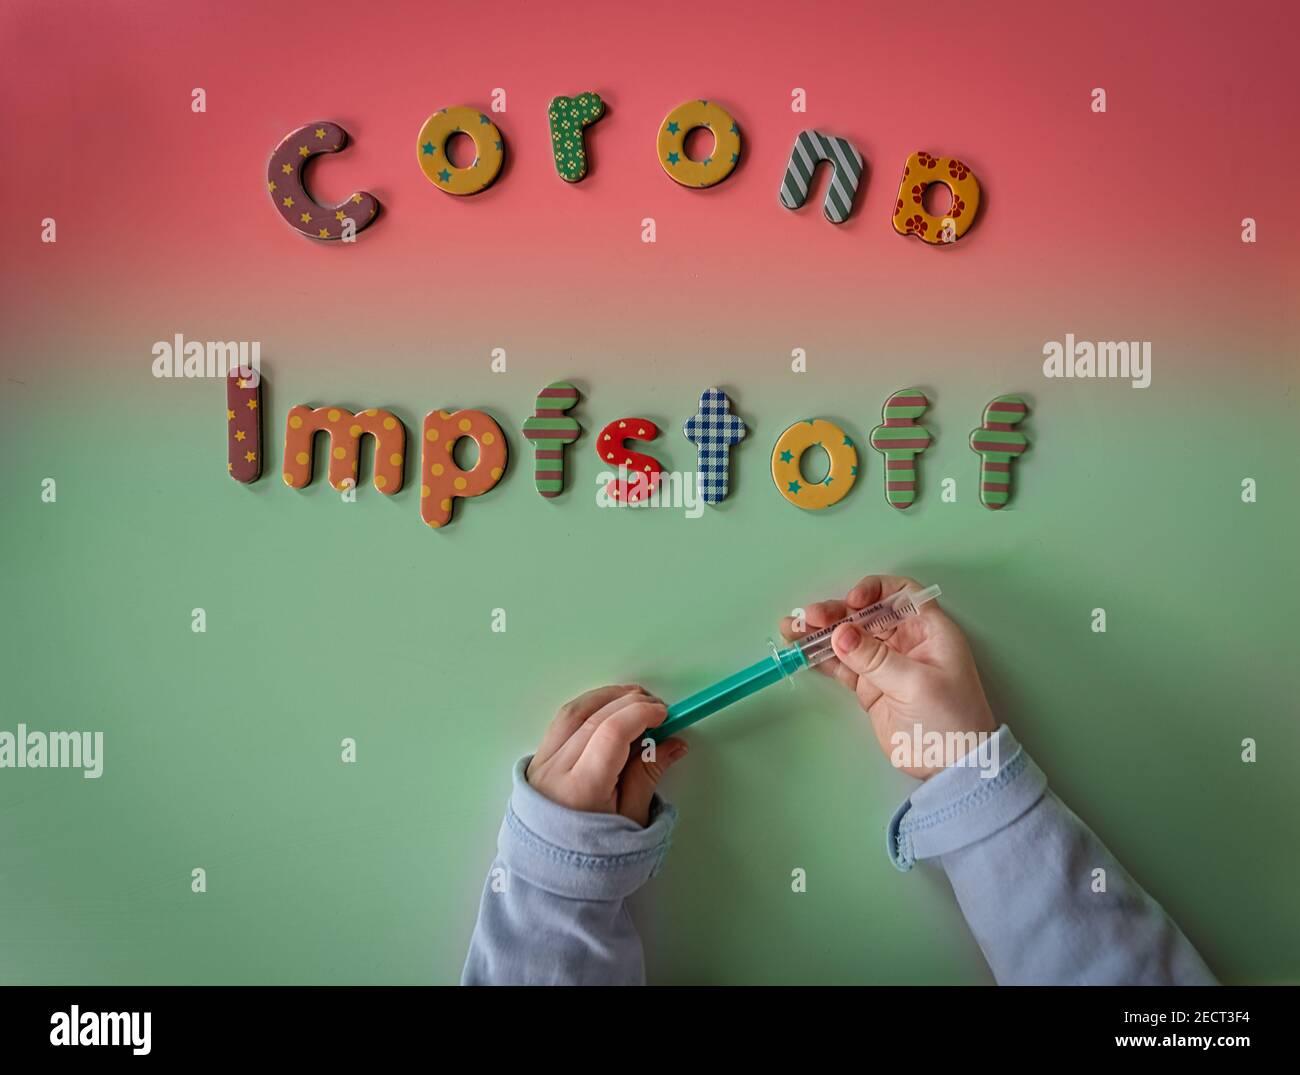 Corona Impfstoff in Buchstaben und mit einer Spritze von Kinderhaenden gehalten als Zeichen der Hoffnung in Panemiezeiten von Corona bzw. Covid-19. Stock Photo